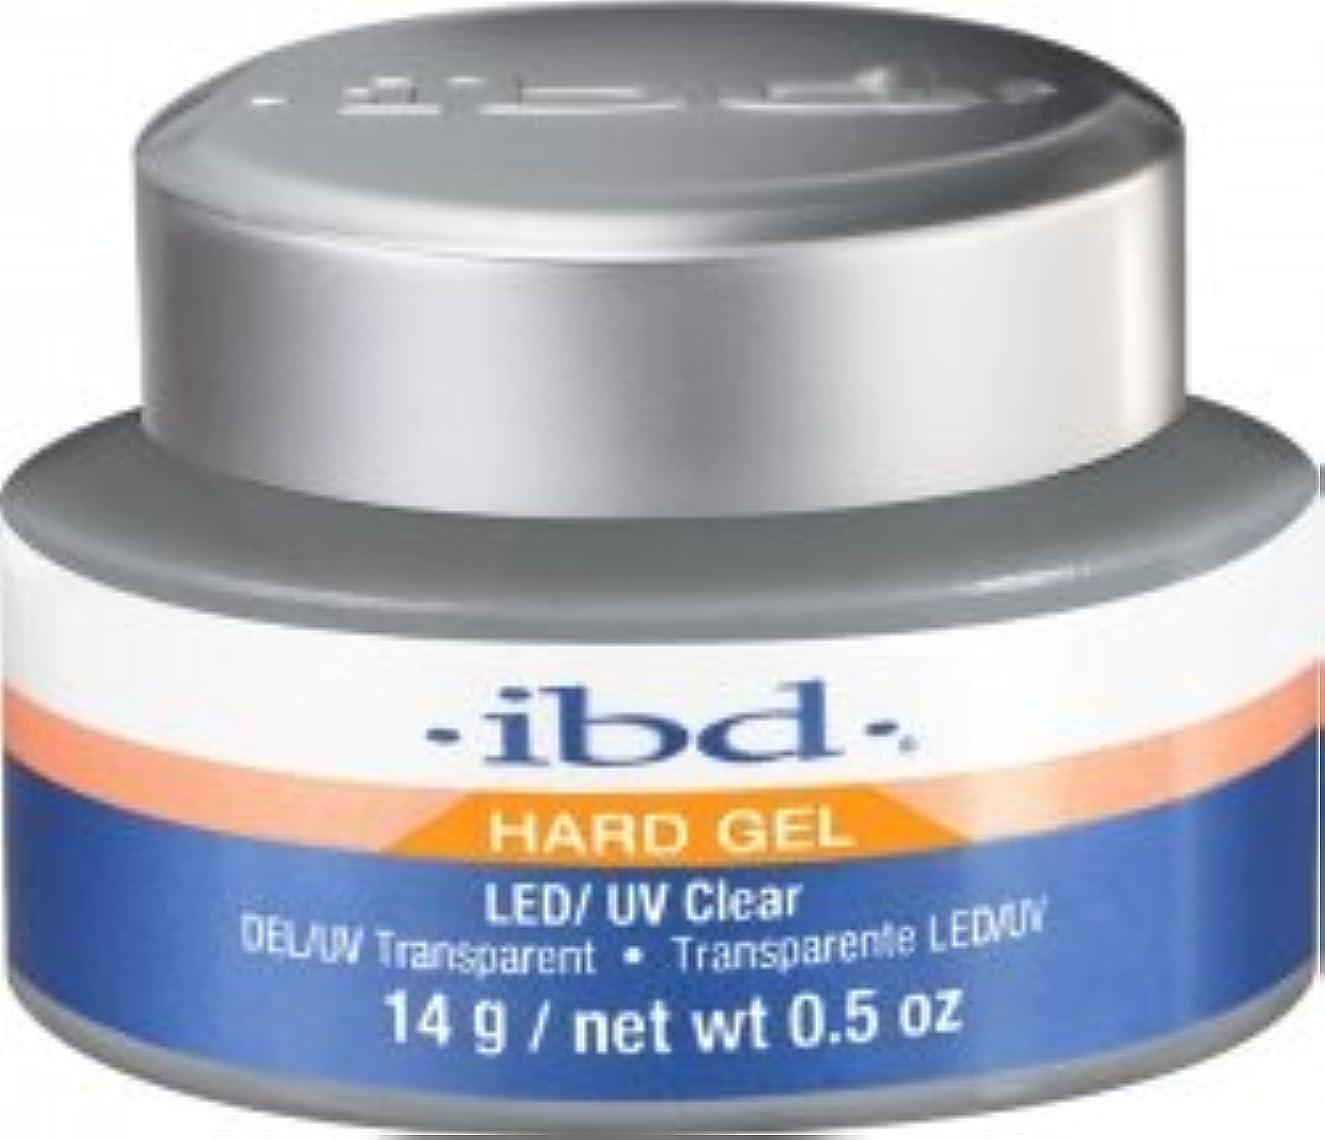 パン屋勘違いする首相IBD LED/UV Clear Gel - .5oz 14g [並行輸入品]